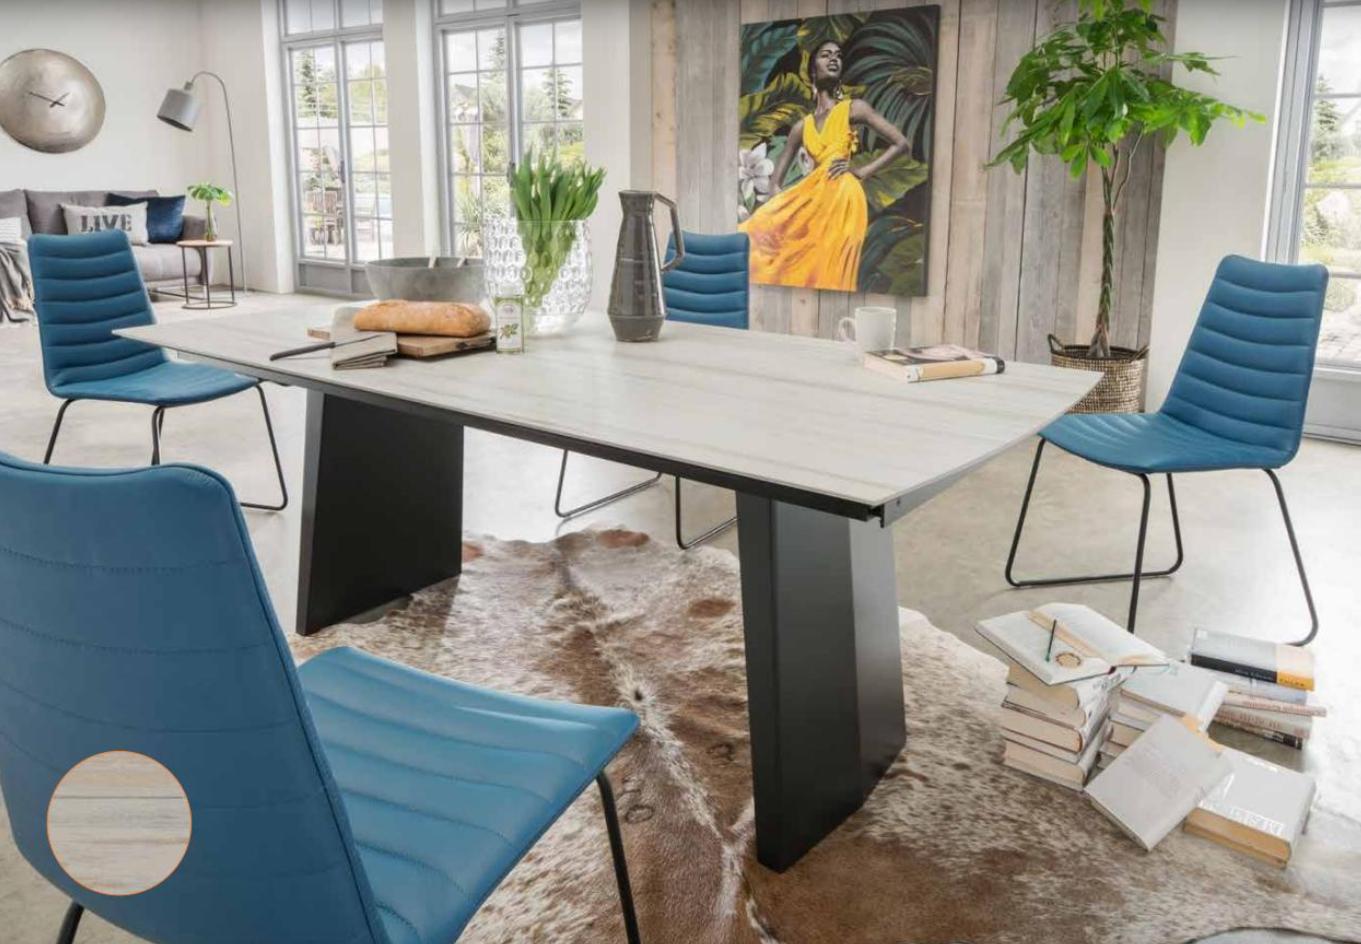 Ein Esszimmer mit blauen Stühlen und vielen Büchern auf dem Boden